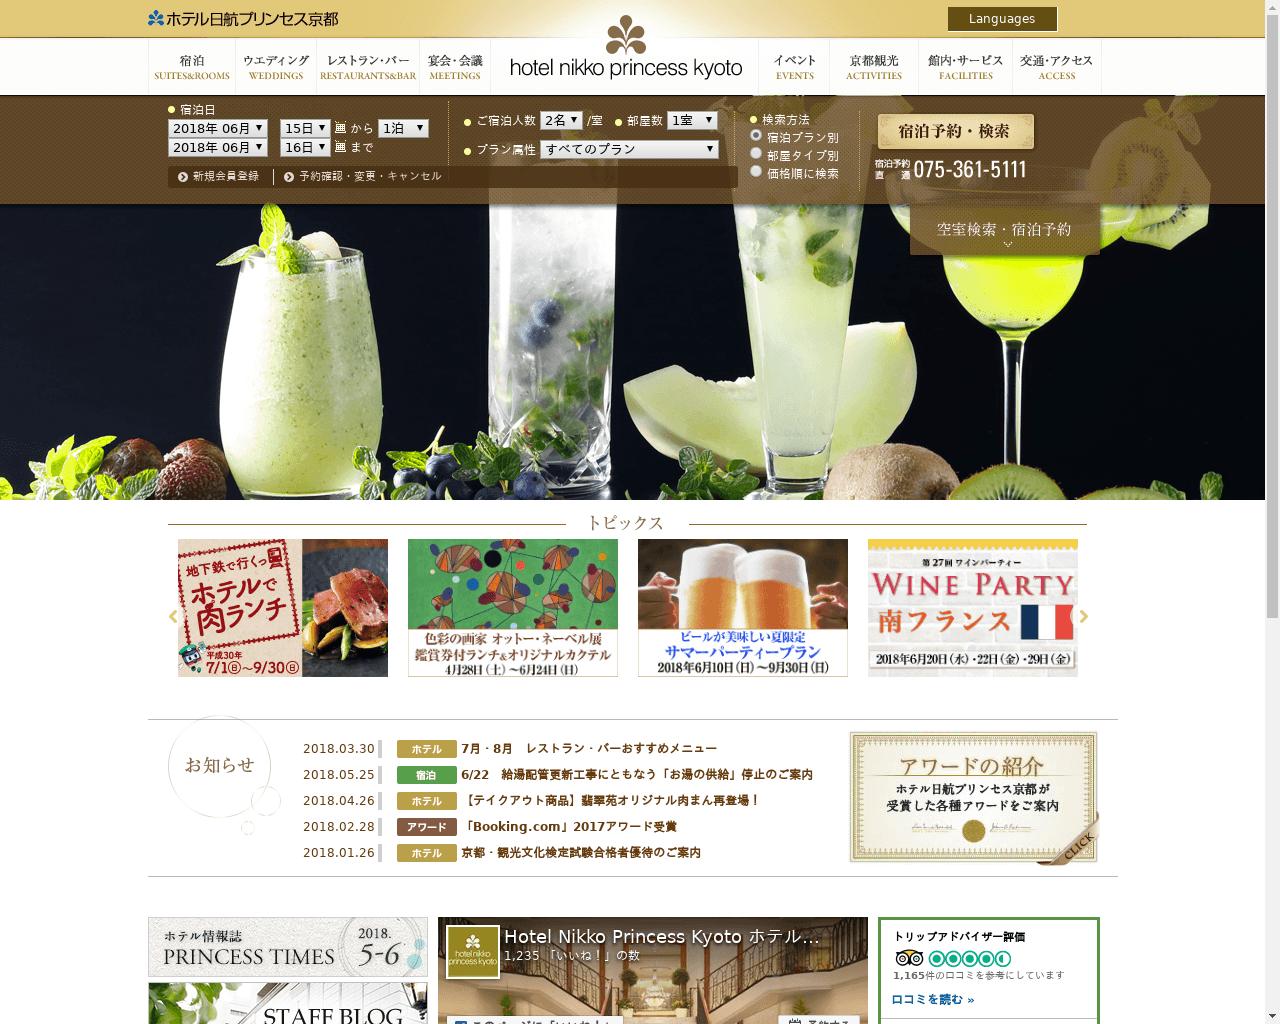 高級ホテル特集 ホテル日航プリンセス京都